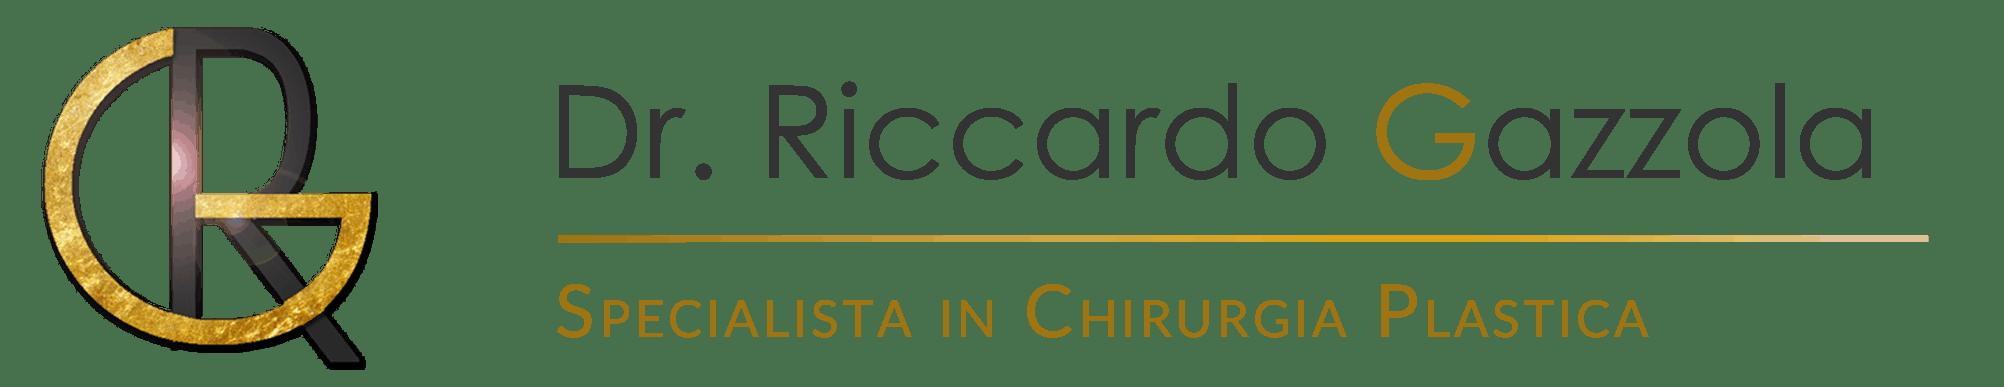 Dr. Riccardo Gazzola Logo